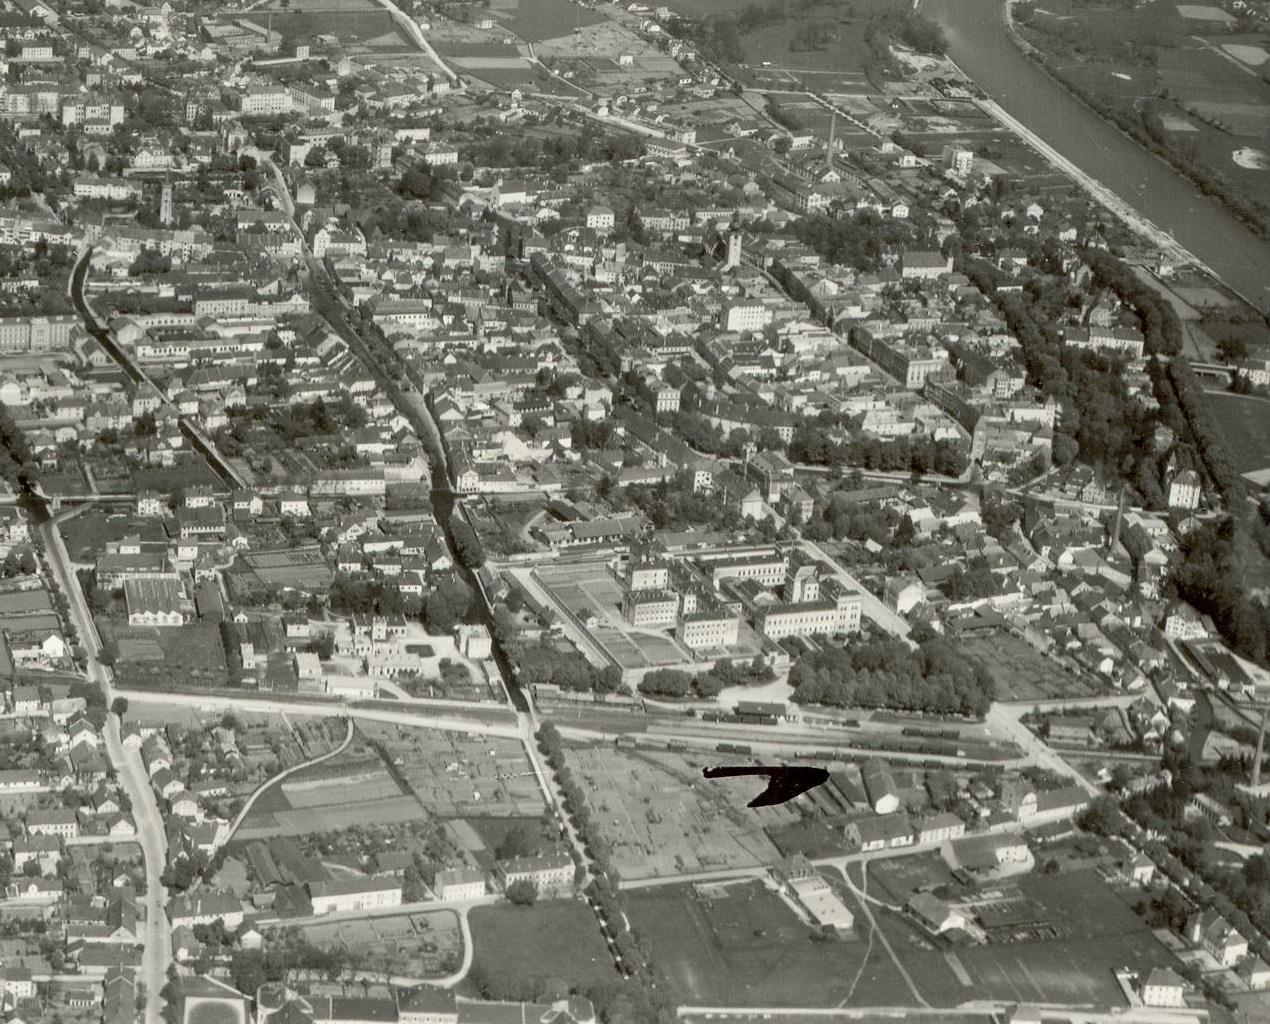 Lokalbahnhof früher - Luftbild